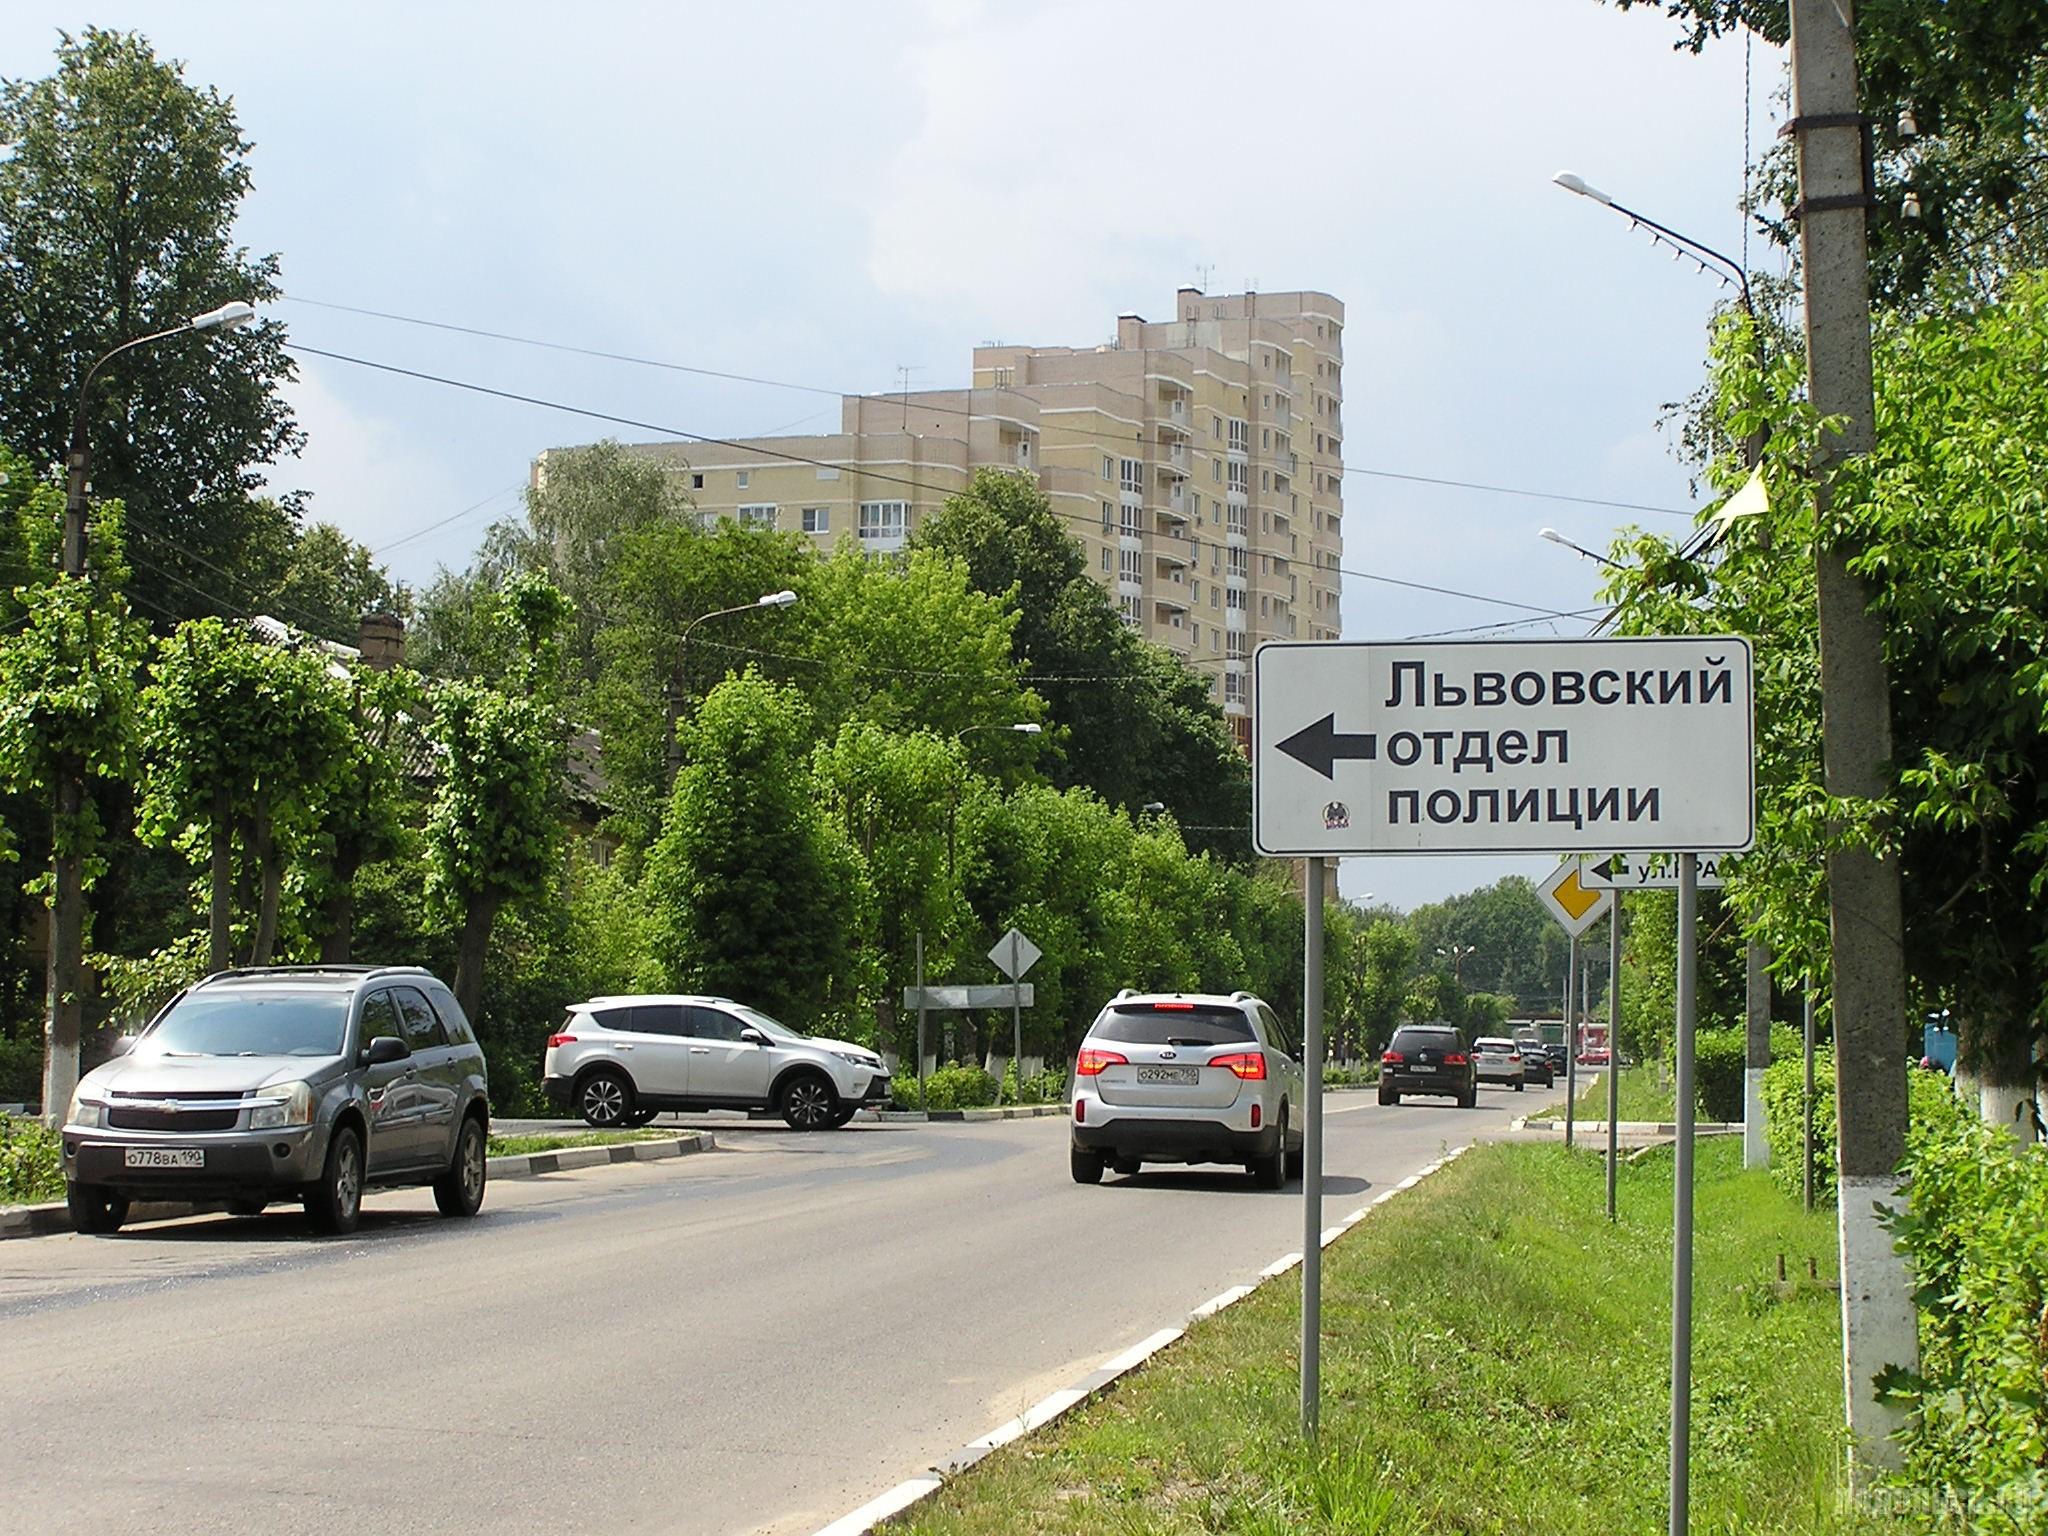 Улица Горького, указатель на Львовский отдел полиции. 27 июня 2016 г.